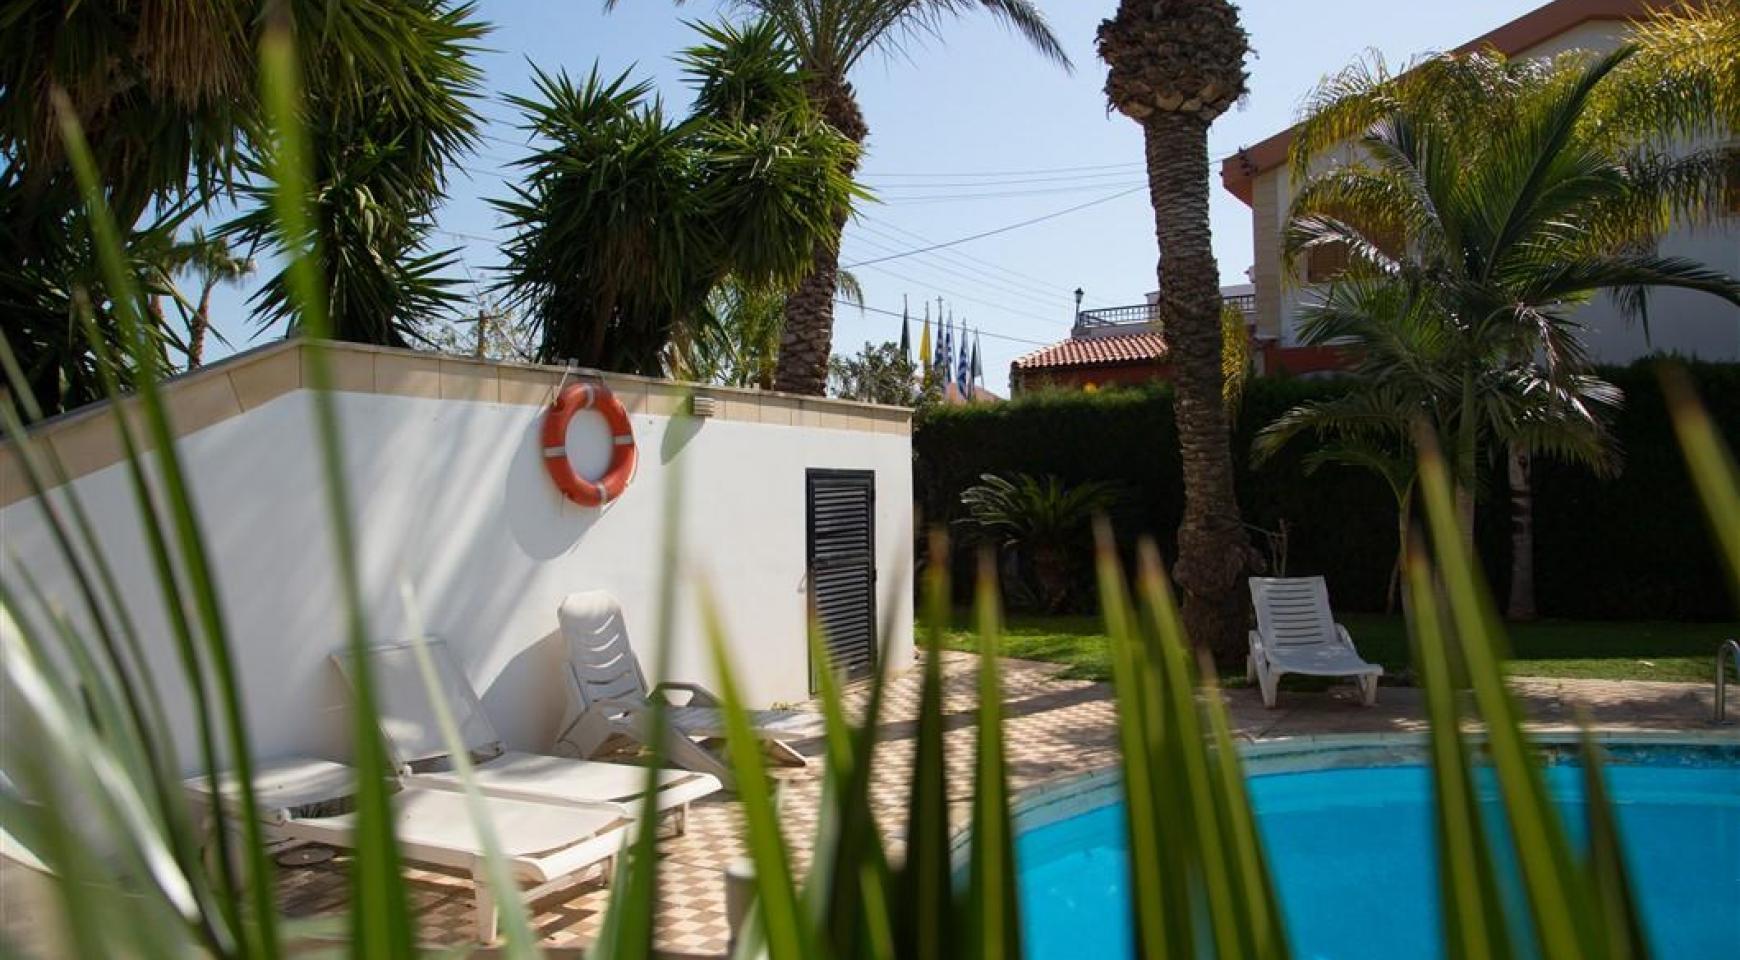 4 Bedroom Villa in Germasogeia Area - 4